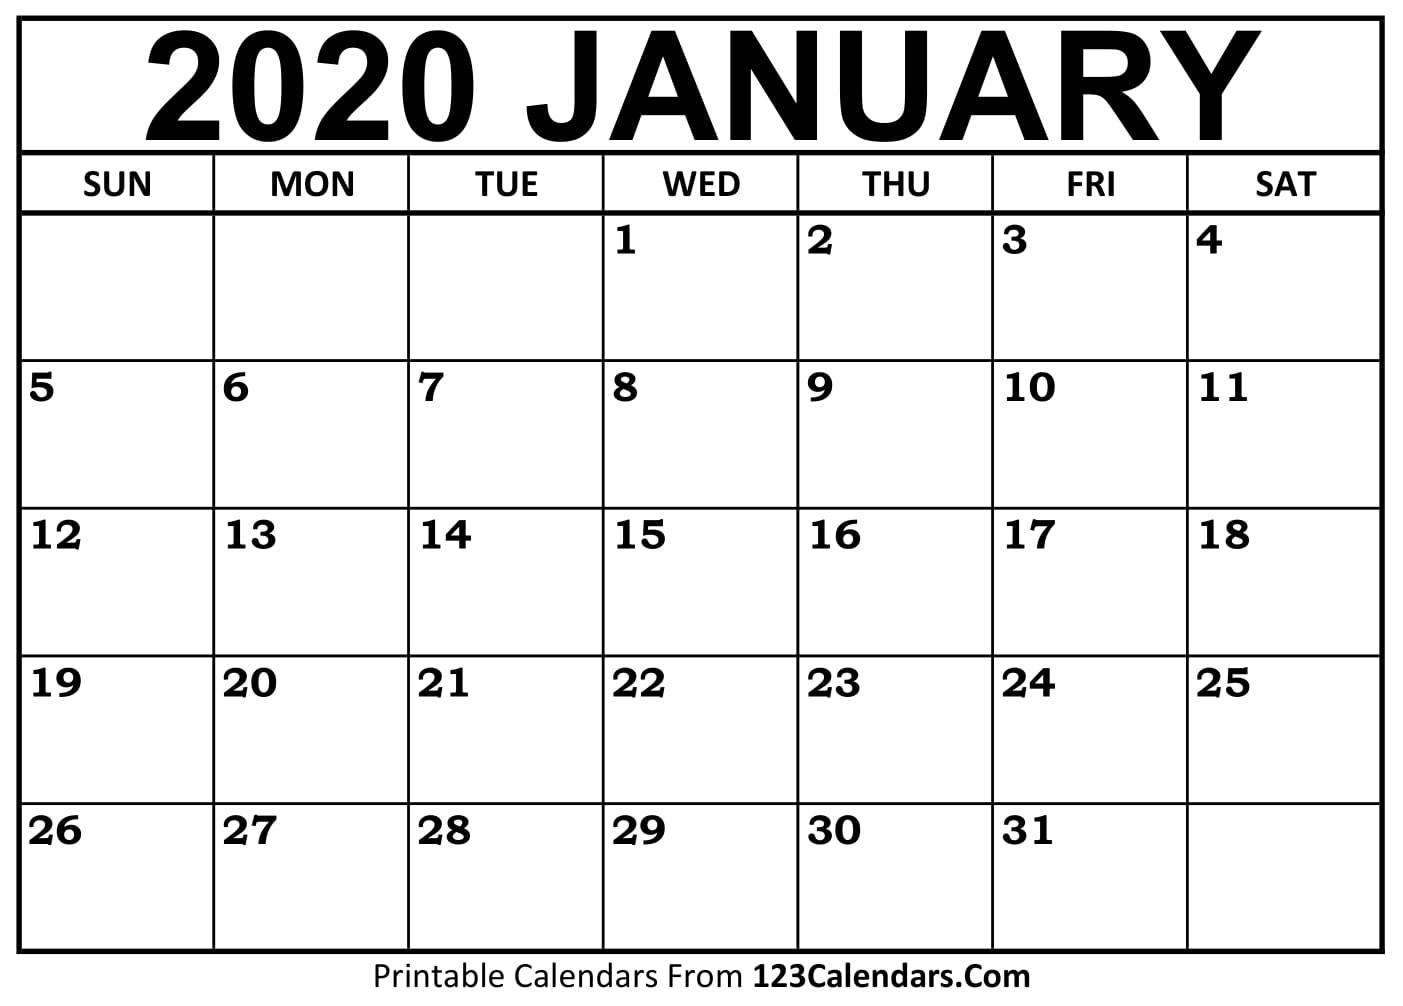 January 2020 Printable Calendar | 123Calendars.com